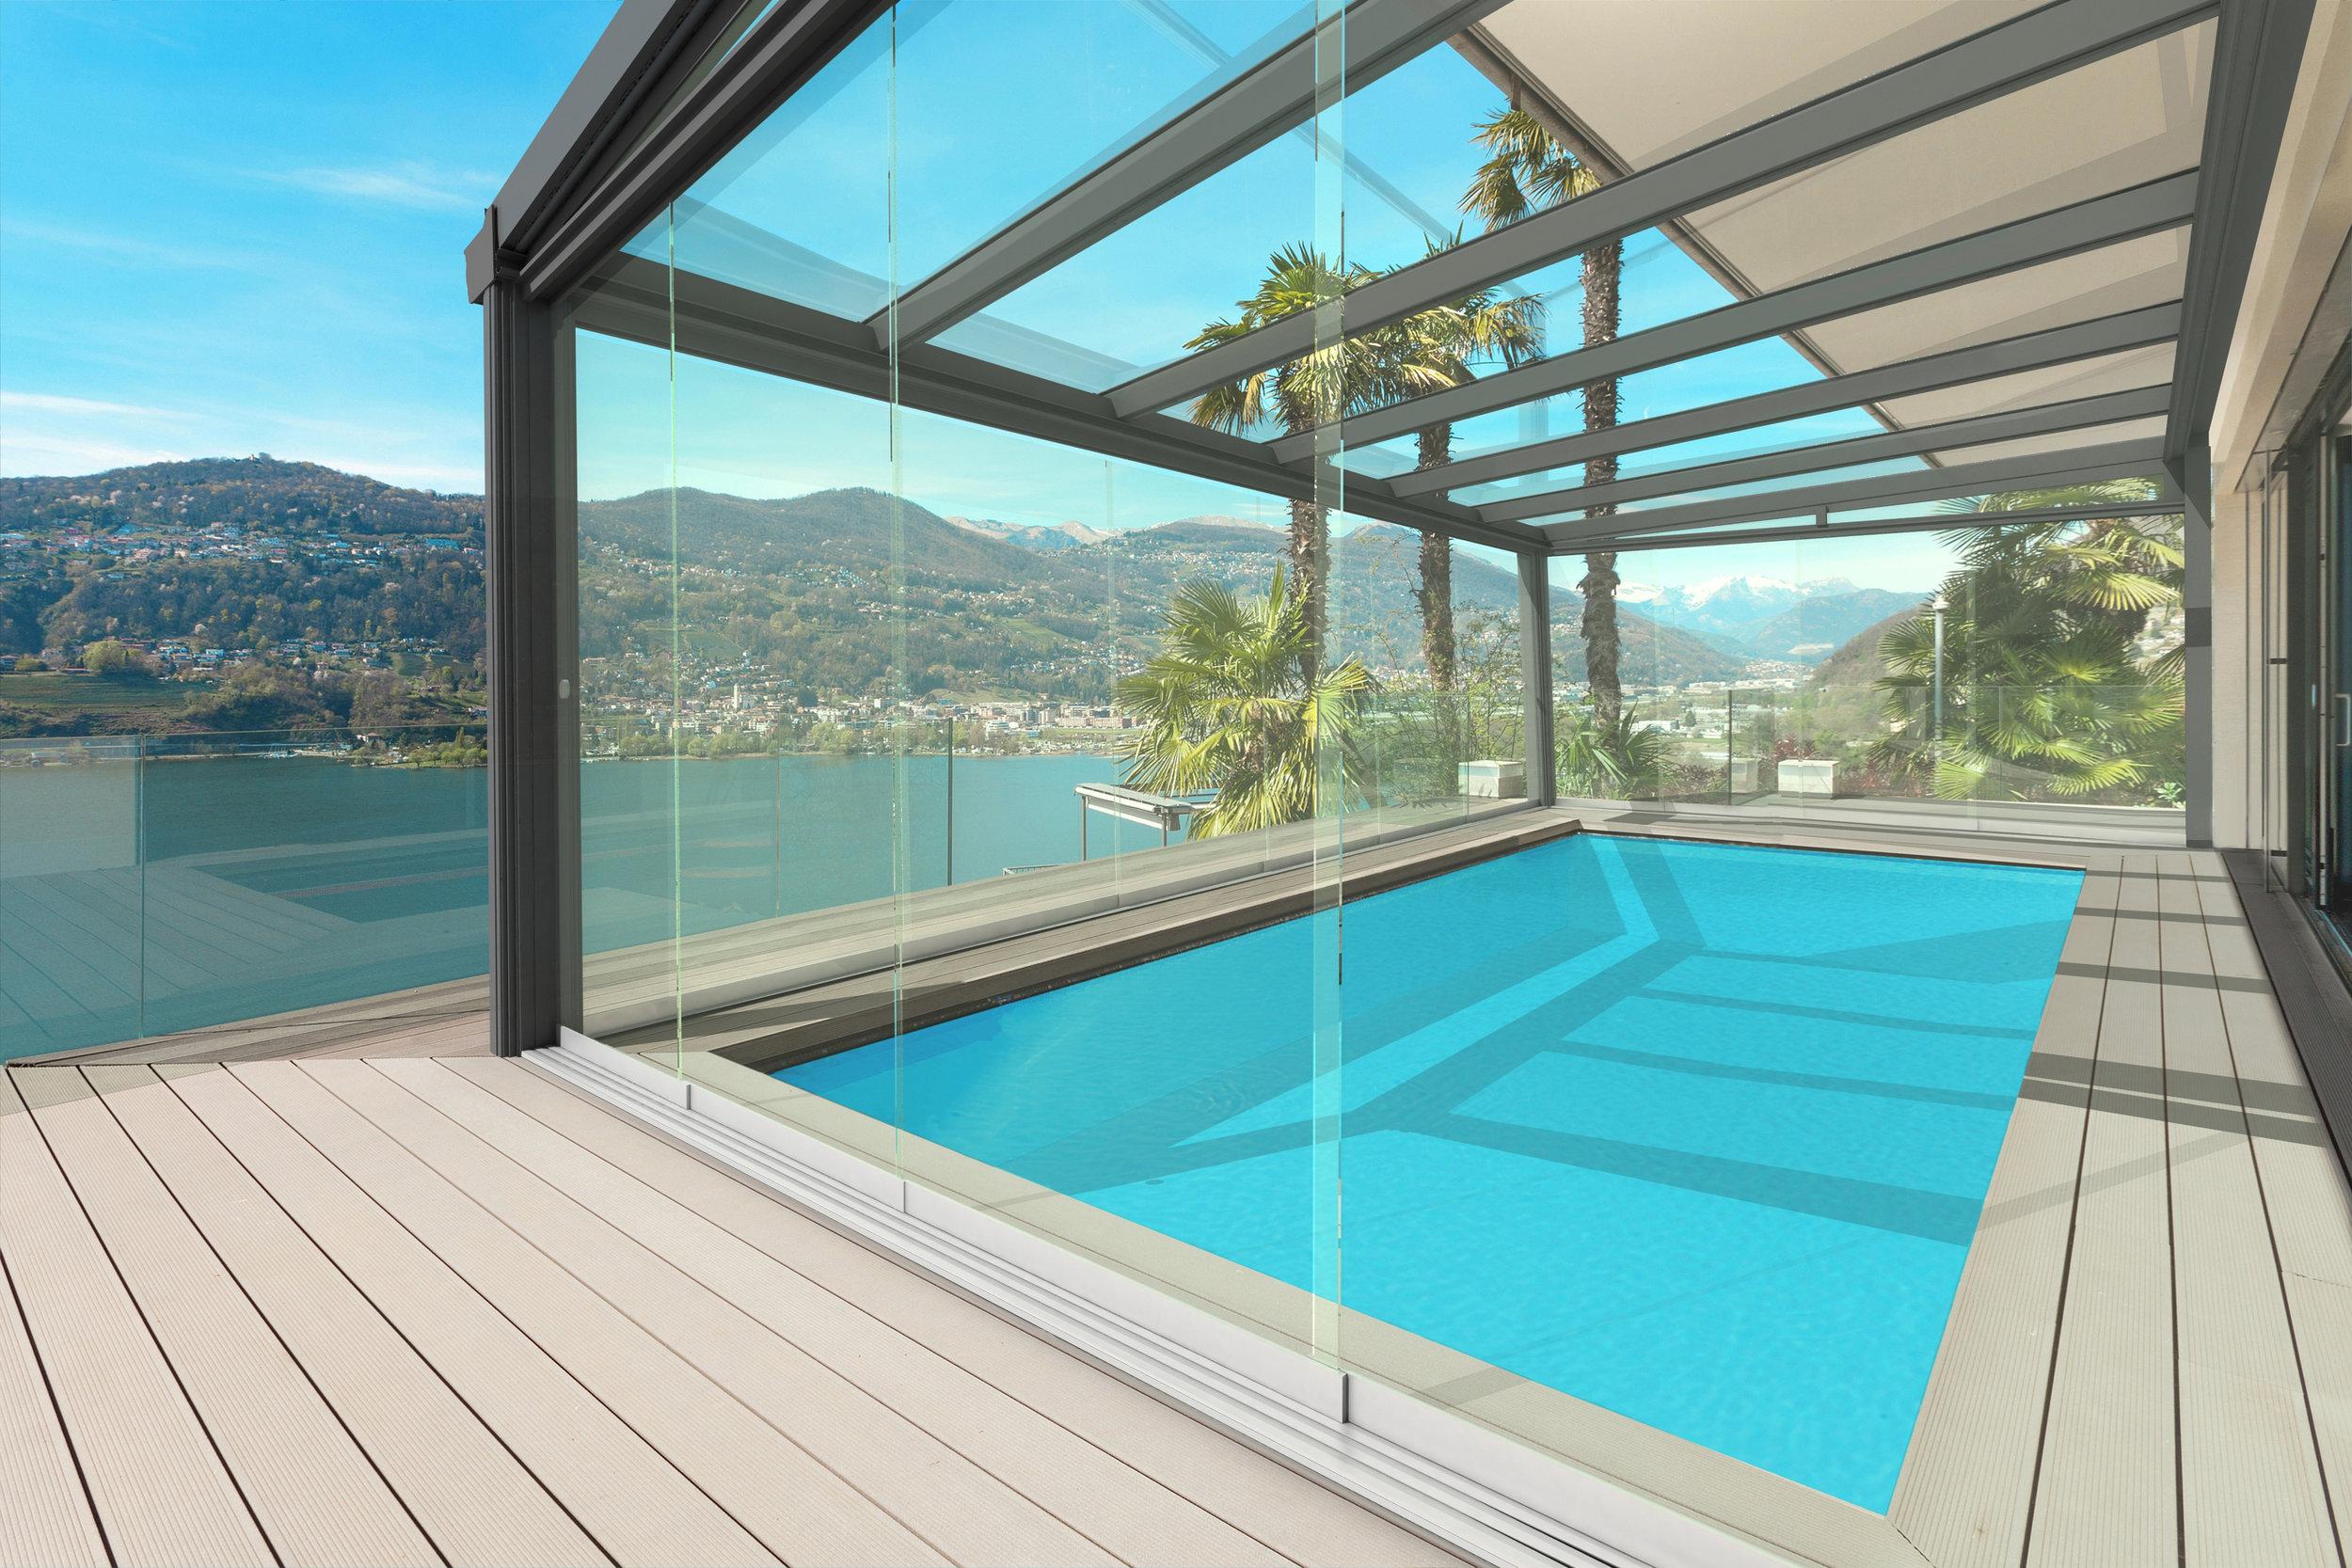 simplicity-alfresco-glass-room+01.jpg